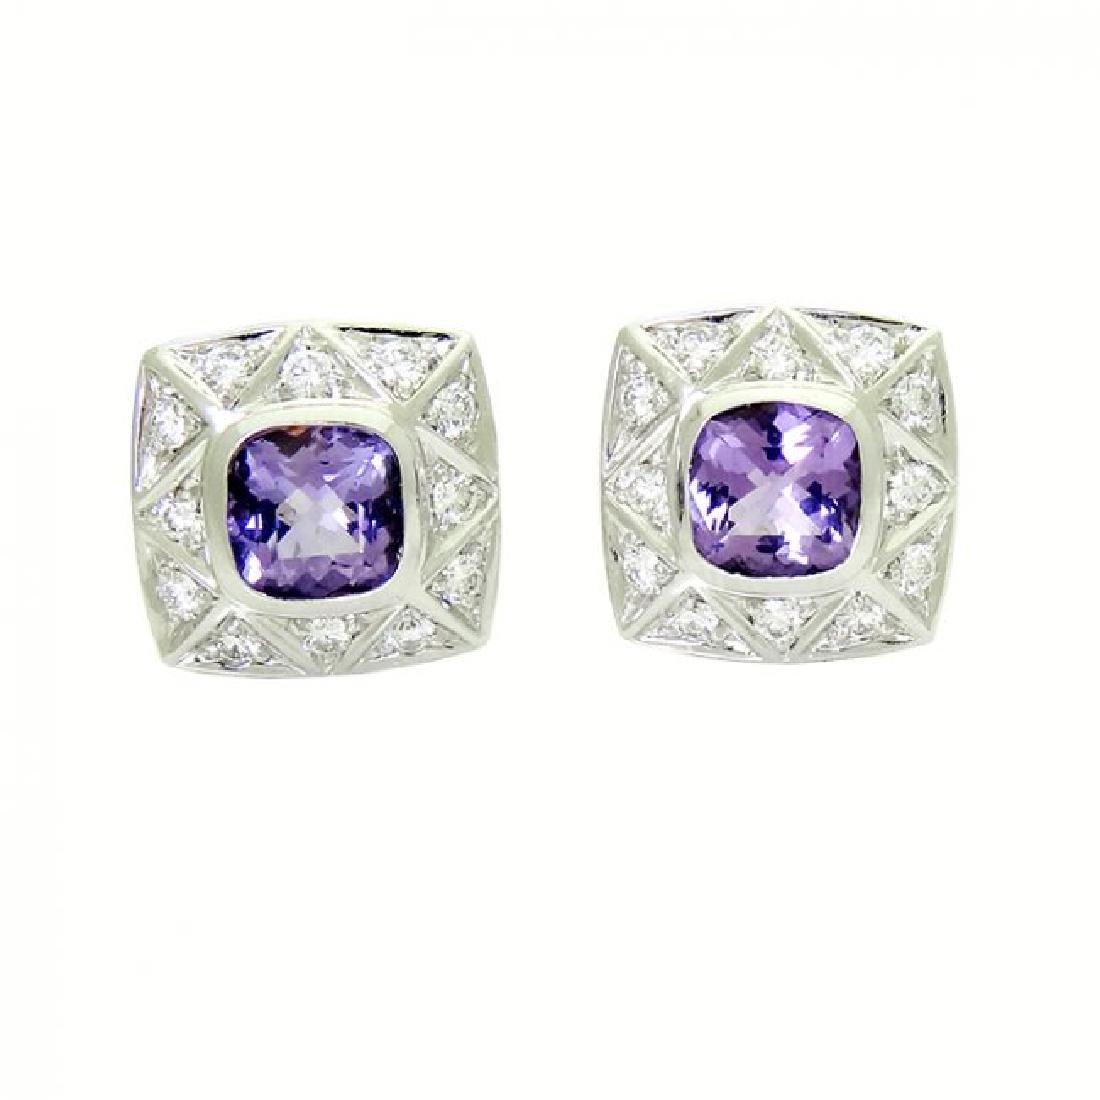 Lovely Pr 18K White Gold Amethyst and Diamond Earrings